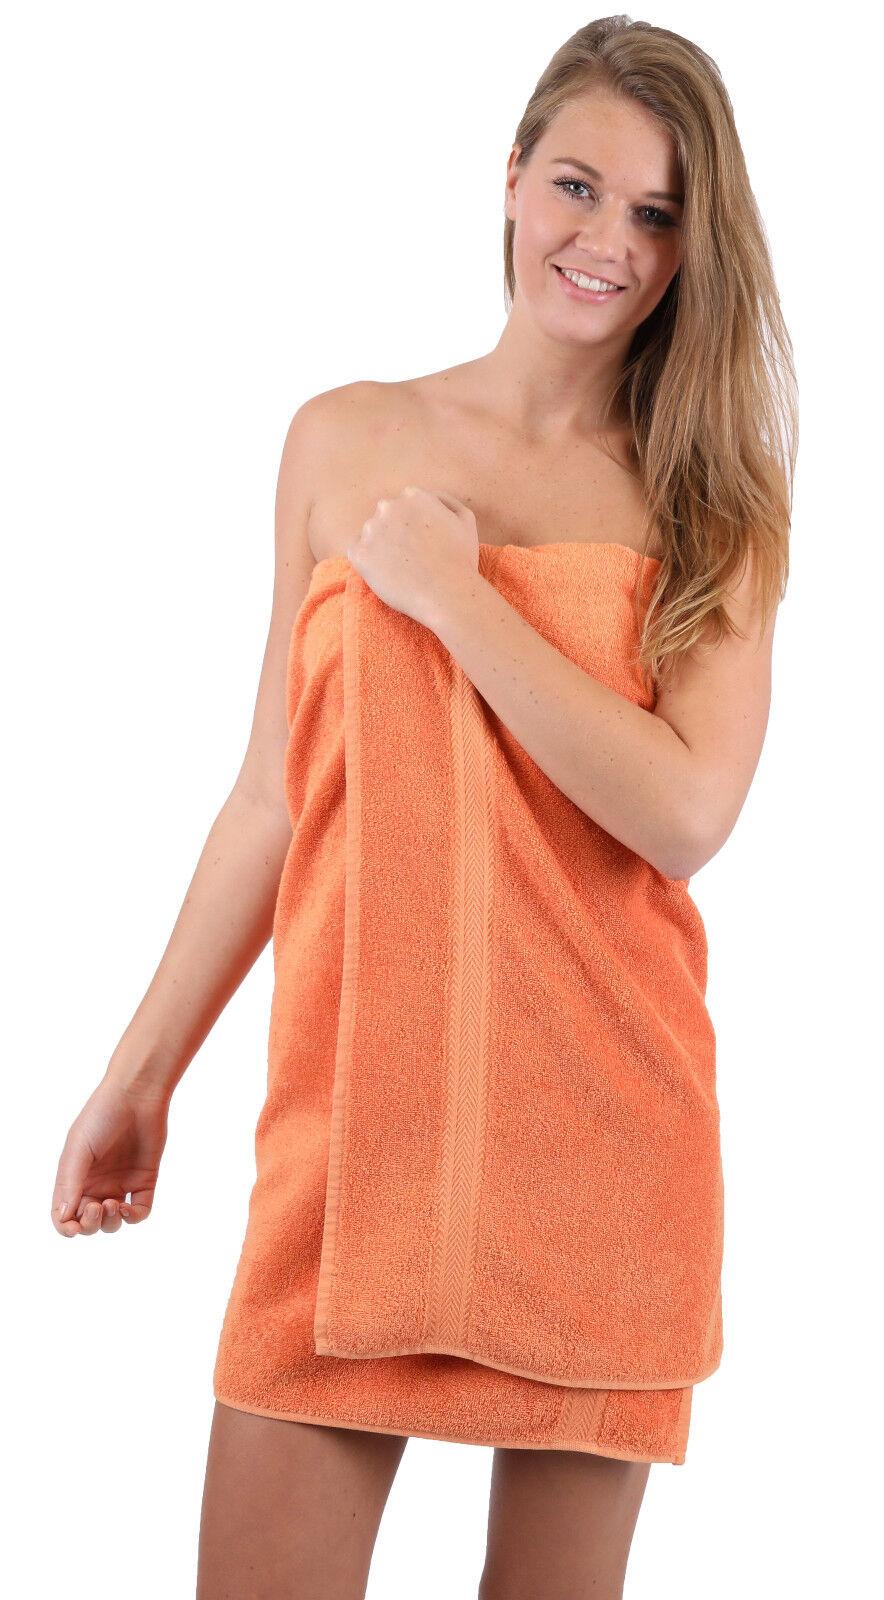 Betz Betz Betz 10tlg Handtuch Set PREMIUM Duschtuch Handtücher Gästetuch Waschhandschuhe     | Verrückte Preis  ca7ea8